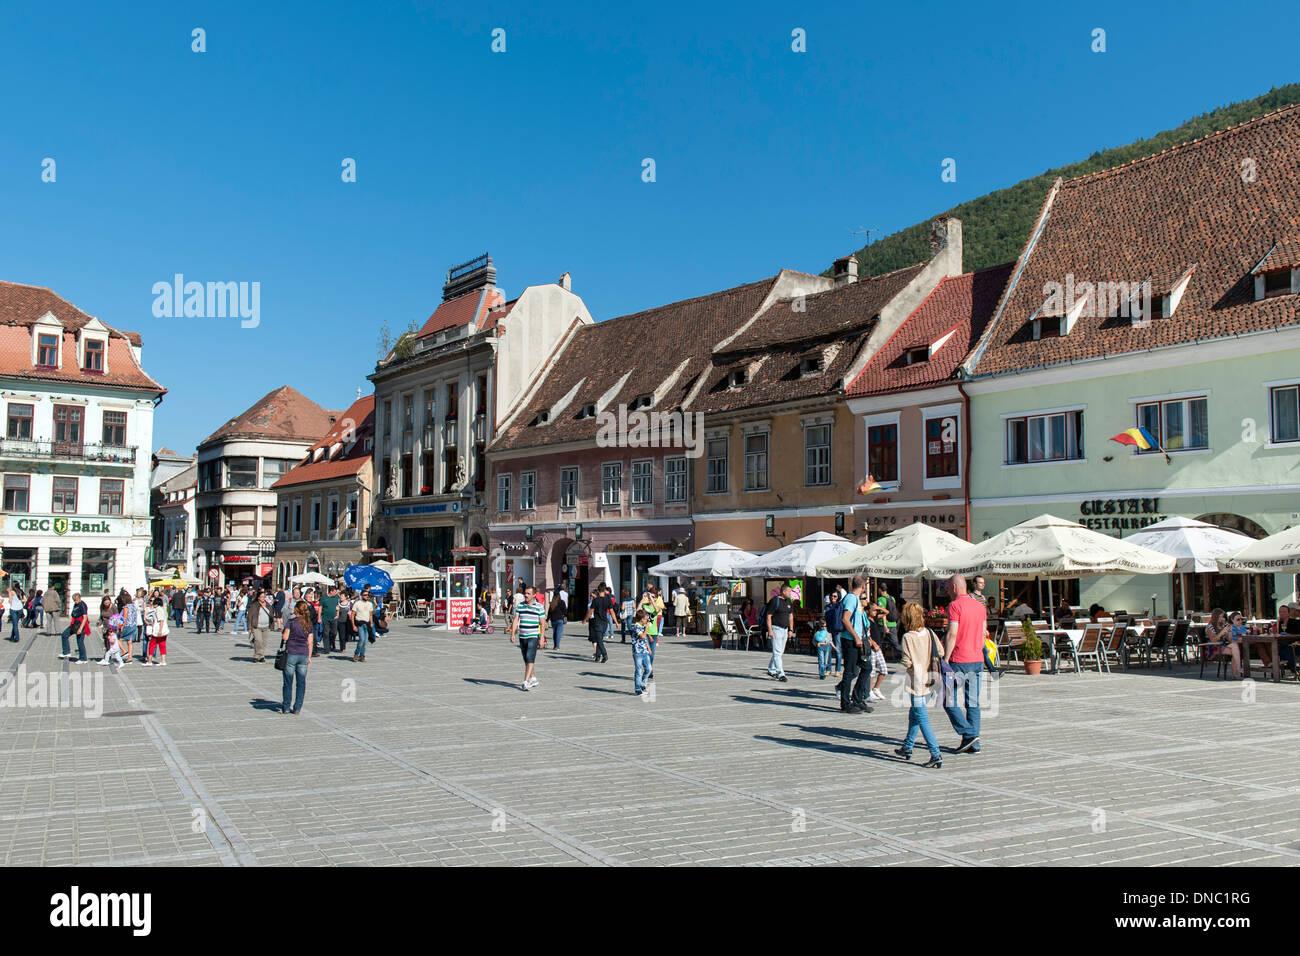 Pedestrians in Brașov Council Square (Piața Sfatului) in the old town in Brasov, a city in the Transylvania region of Romania. - Stock Image